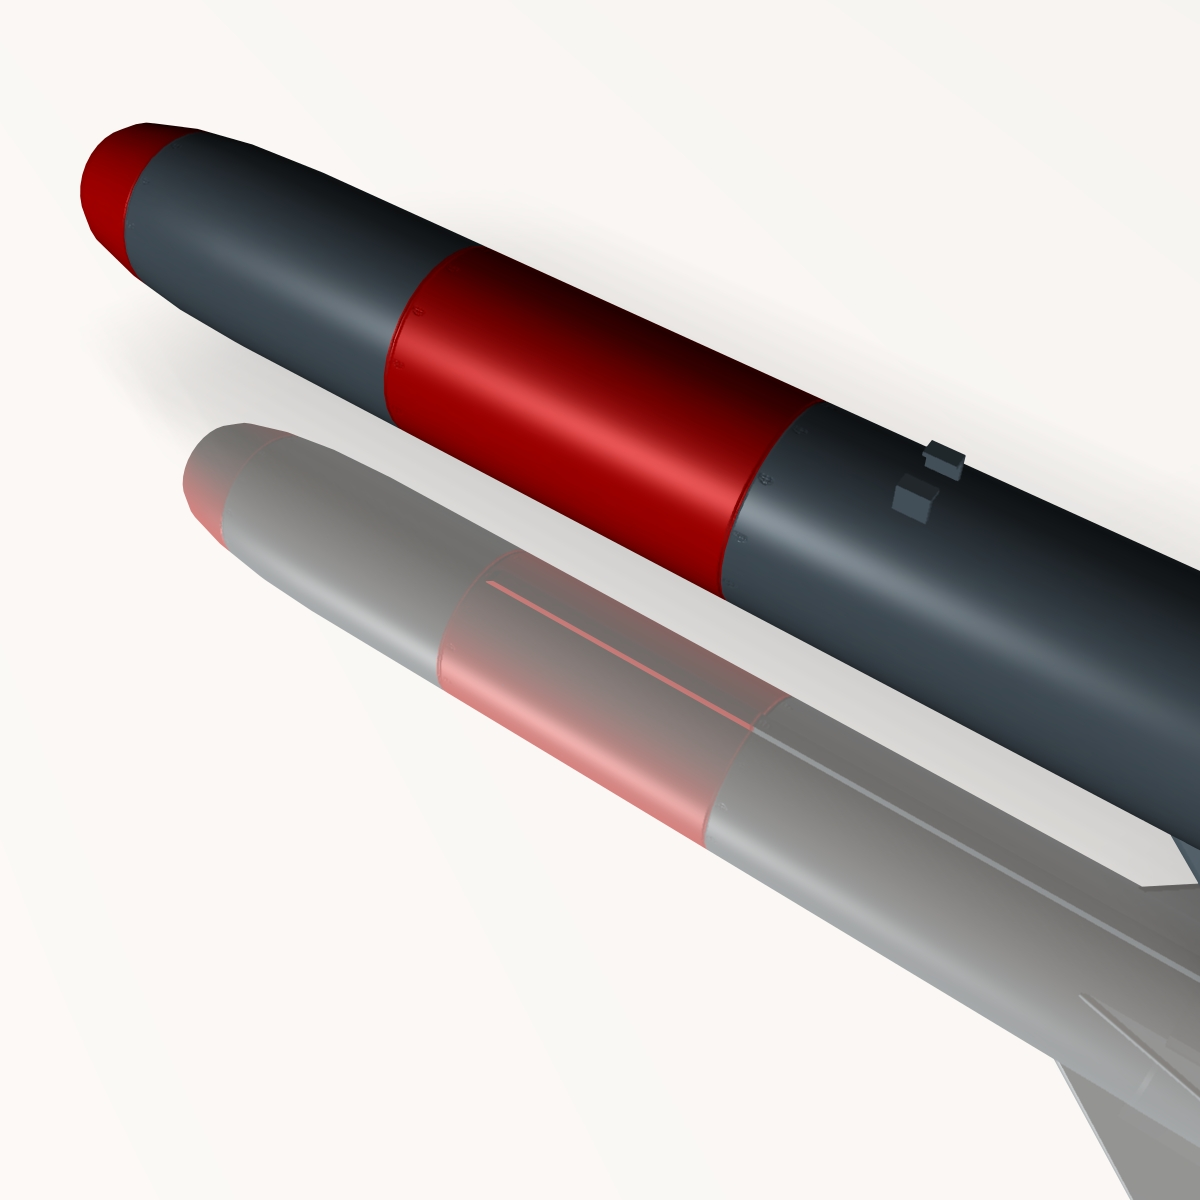 iranian koswar missile 3d model 3ds dxf x cod scn obj 149760